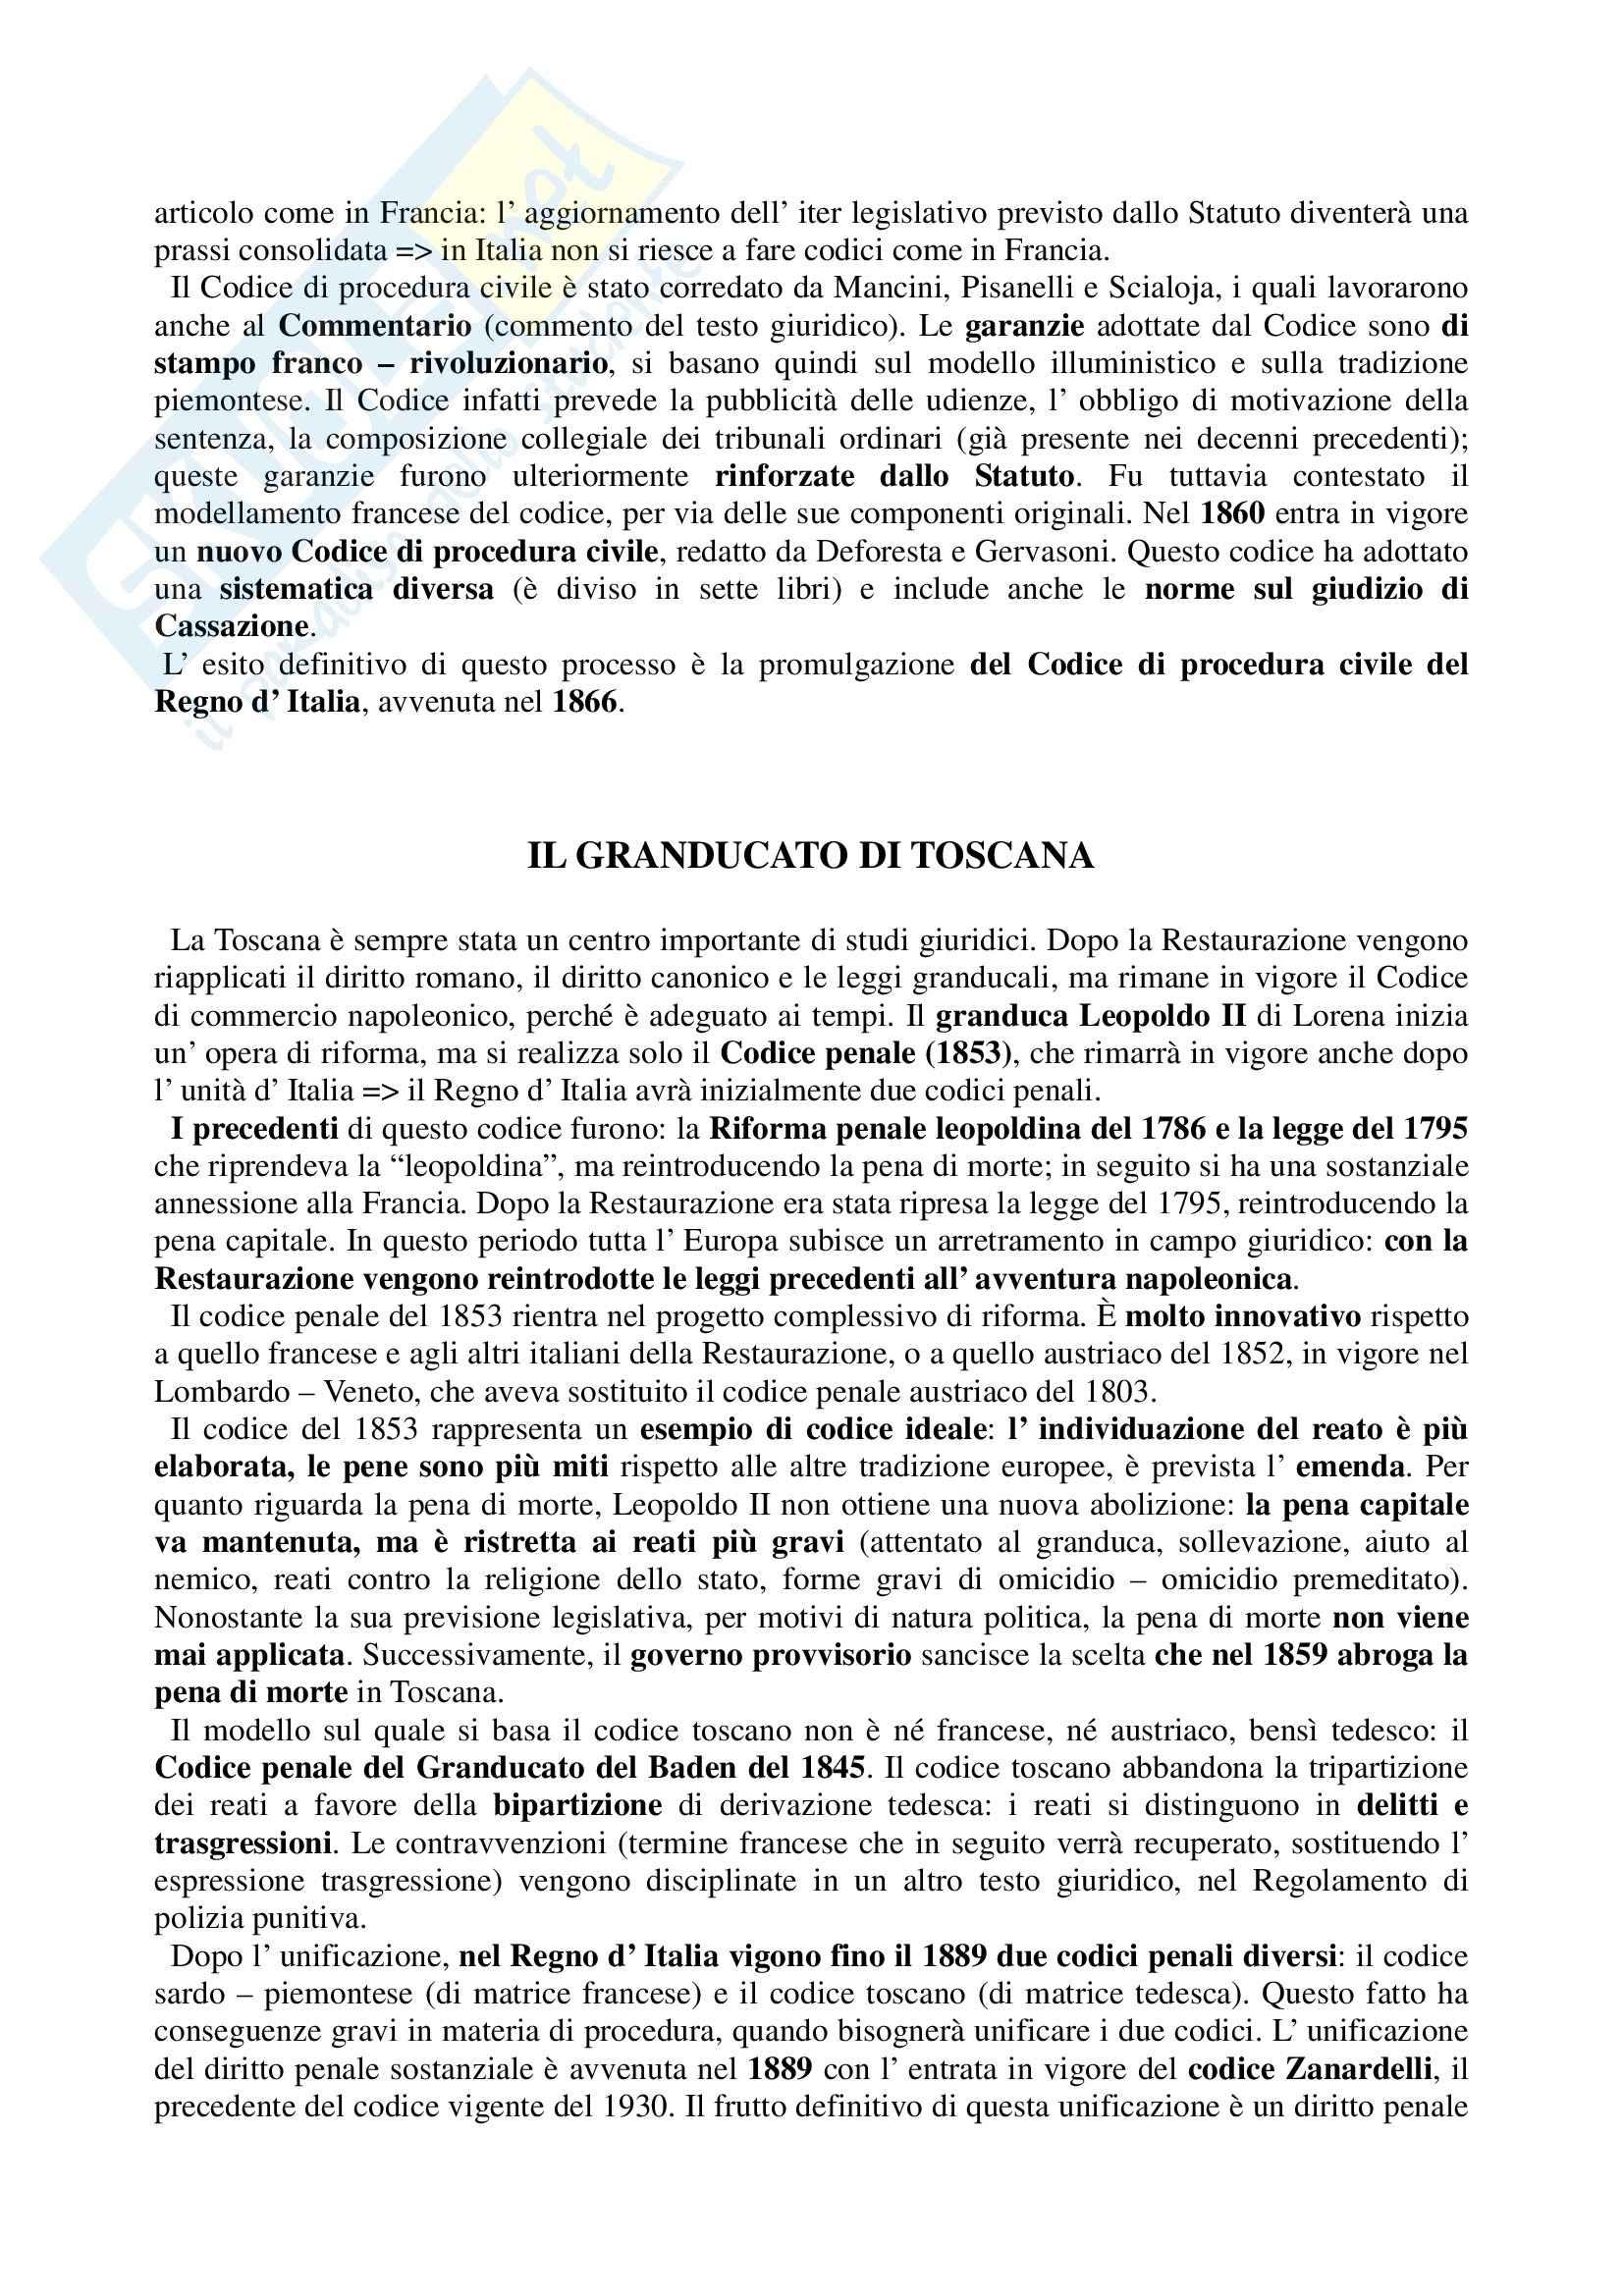 Storia del diritto medievale e moderno - Appunti Pag. 36